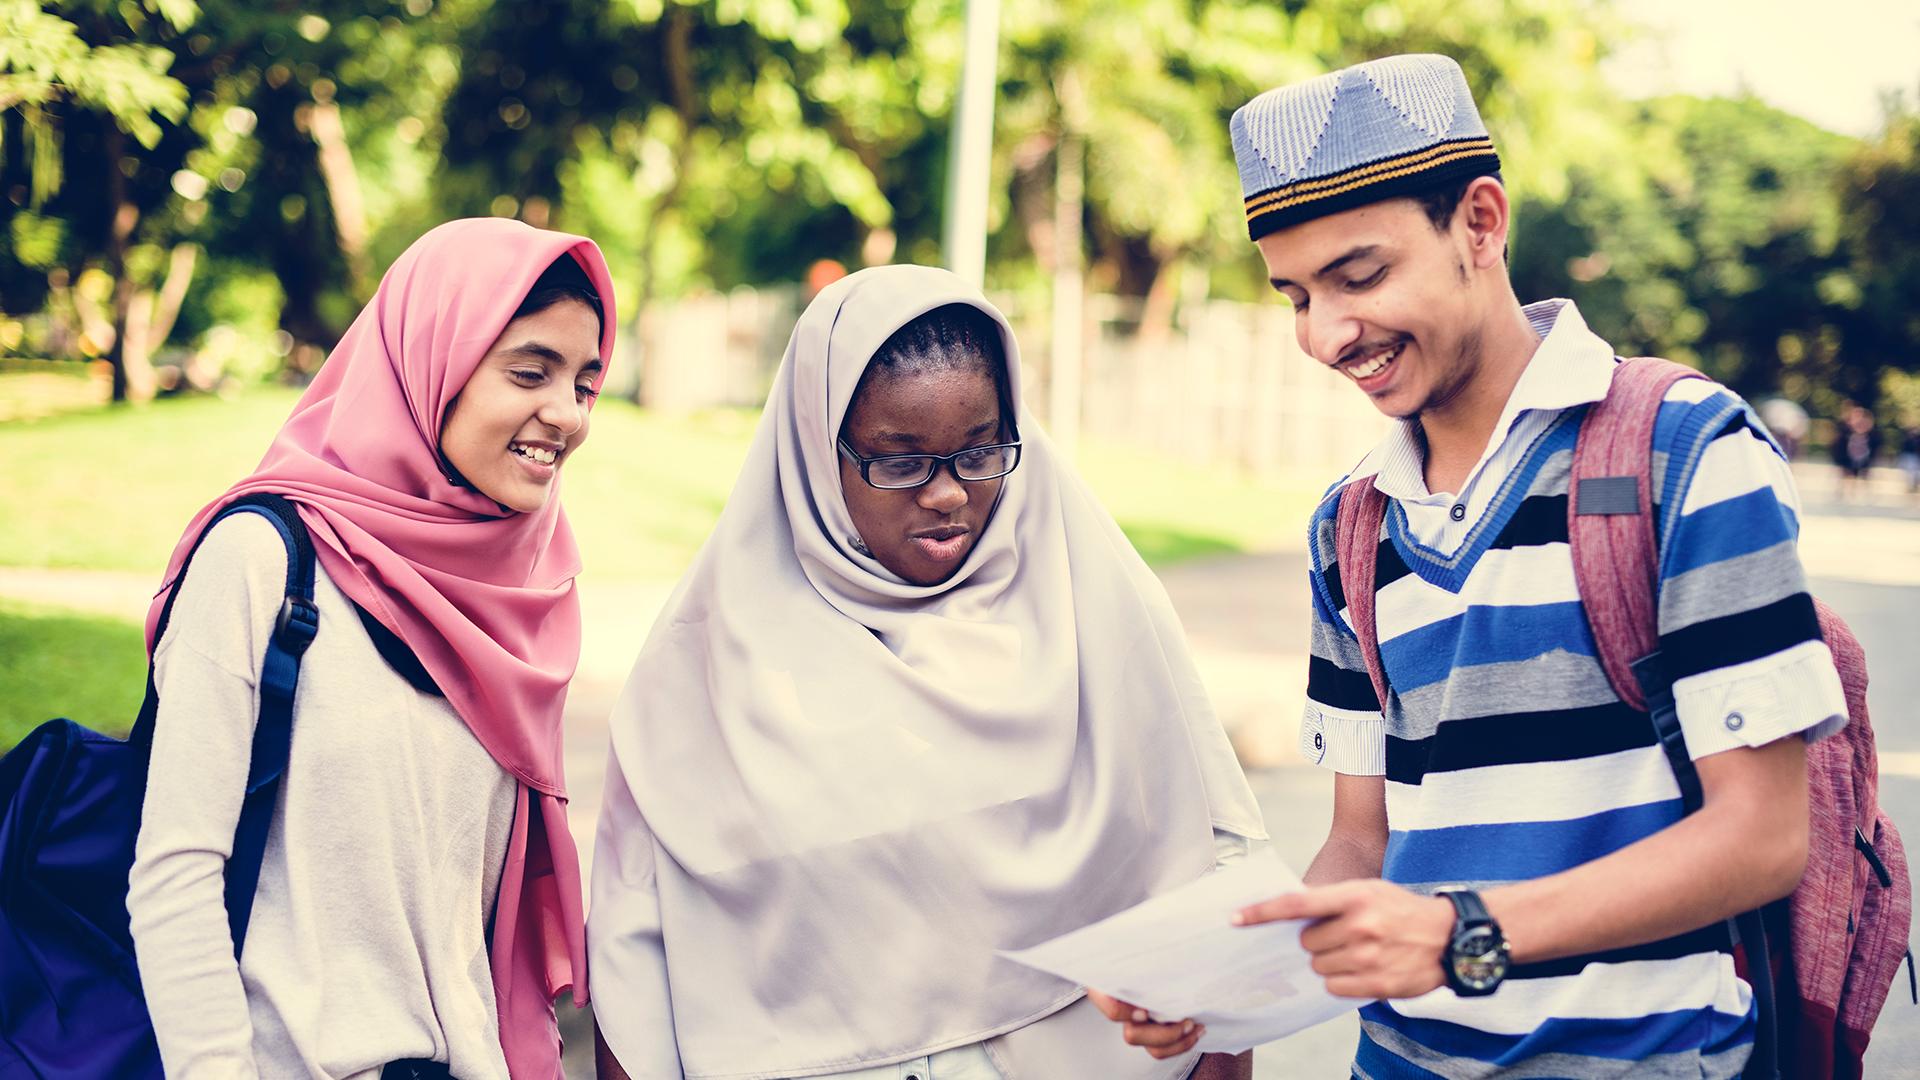 頭にスカーフを着けている2人の若い女性と、帽子をかぶっている若い男性の多様なグループが紙を見ている写真。